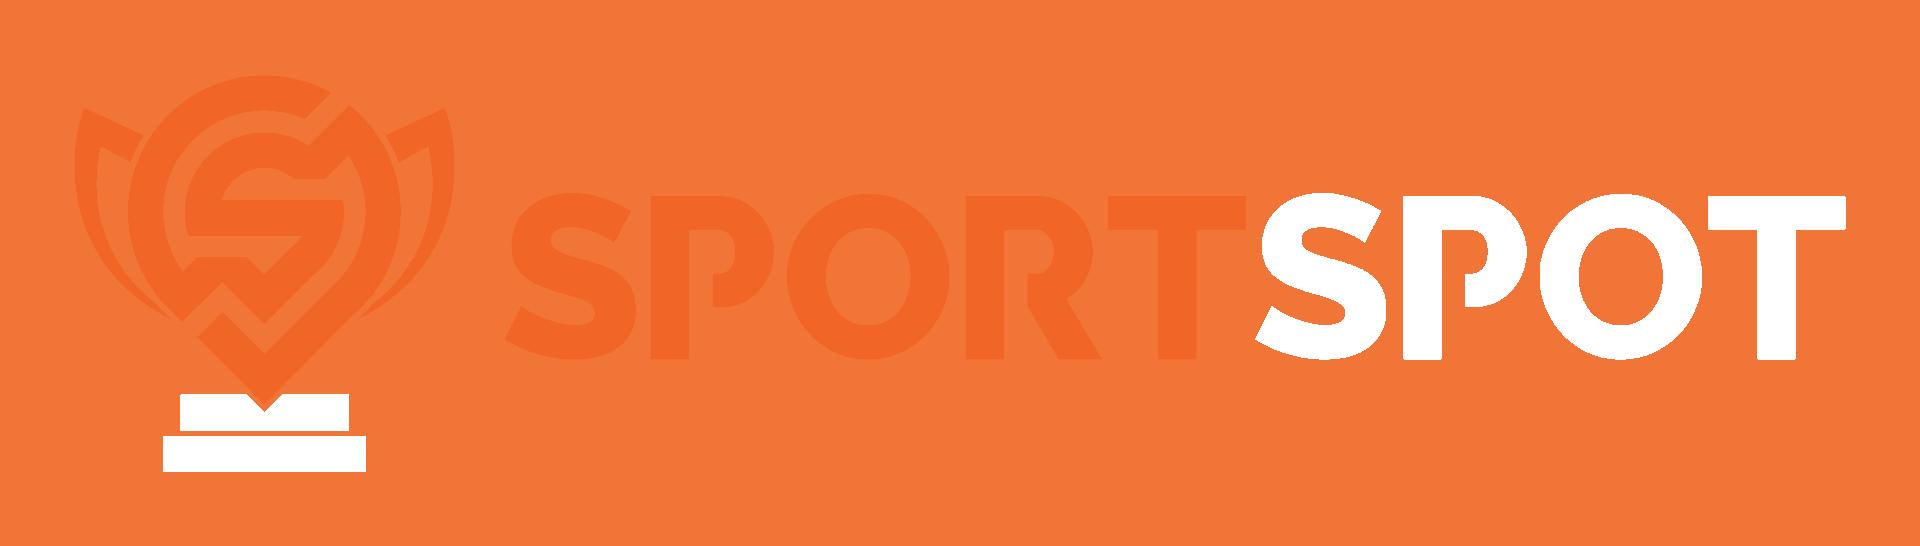 Sportspotin logo